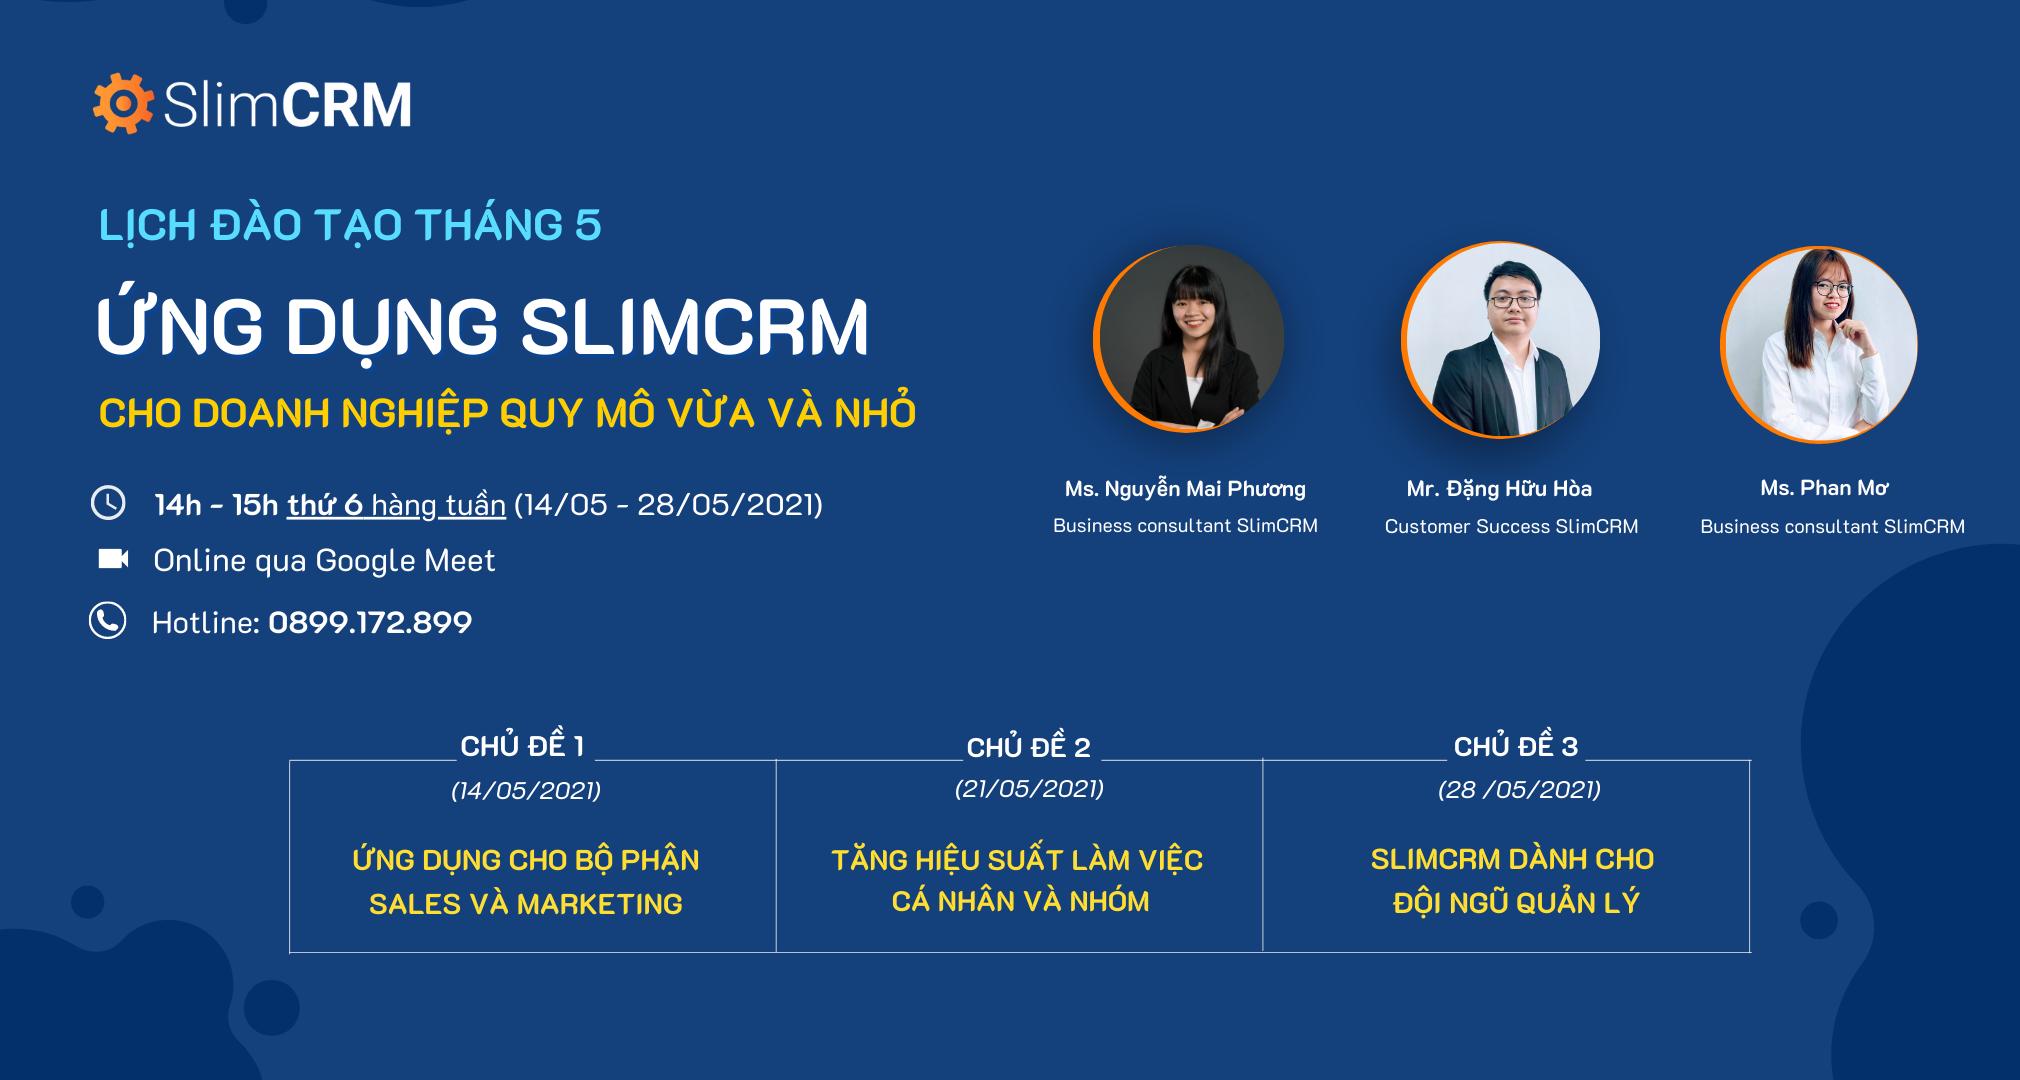 đào tạo SlimCRM